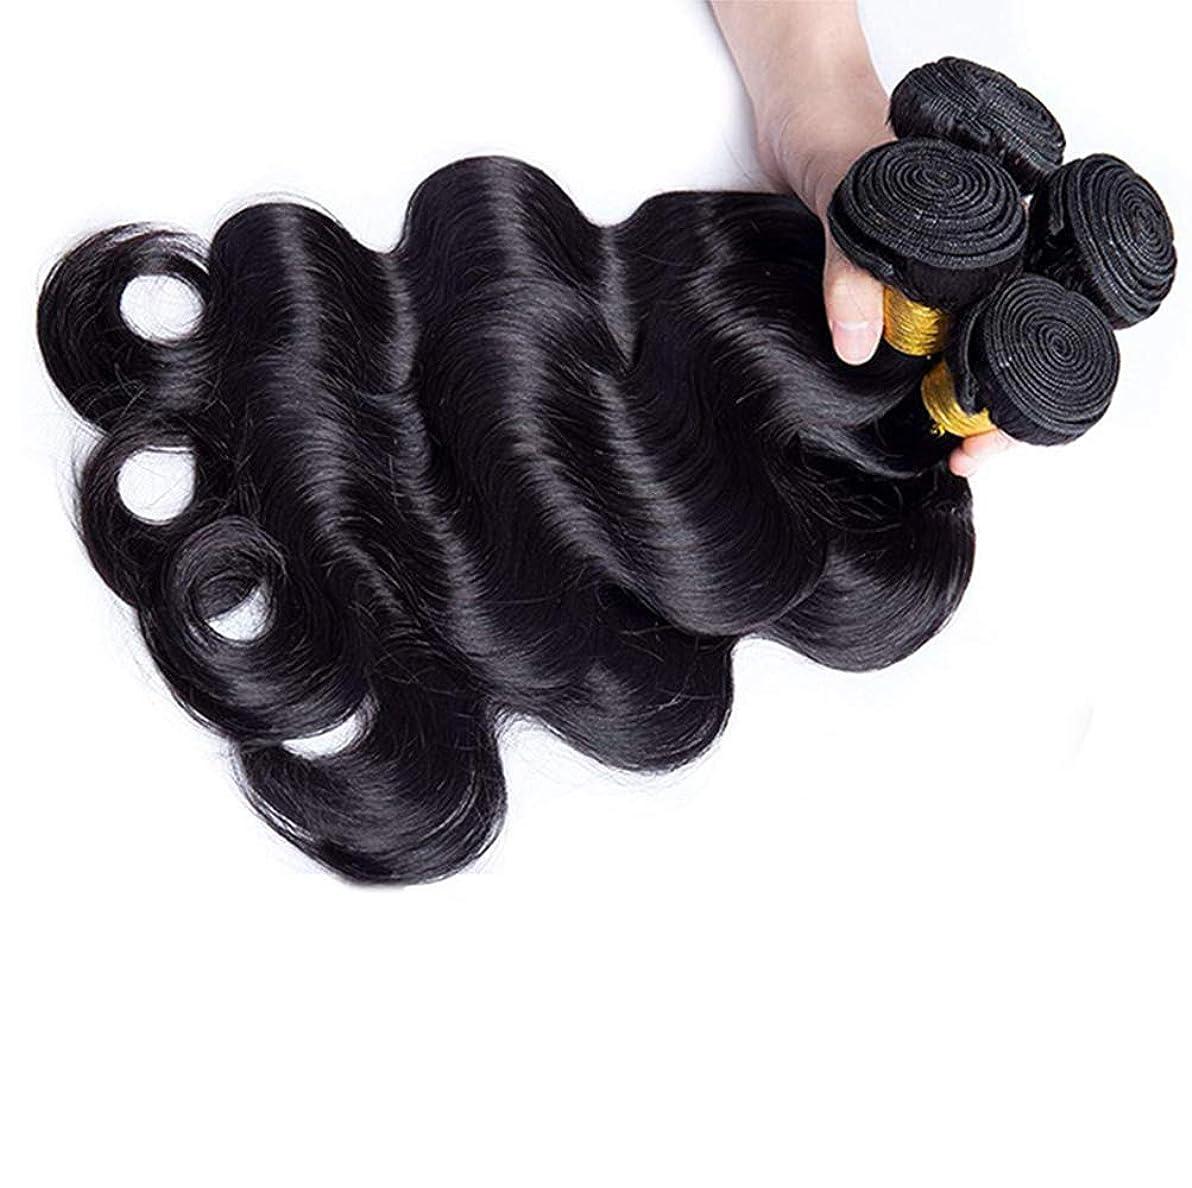 些細帰る海賊女性130%密度ブラジルのバージンルースディープウェーブ1バンドル人間の髪未処理のRemyミンクルースカーリーヘアエクステンション織り